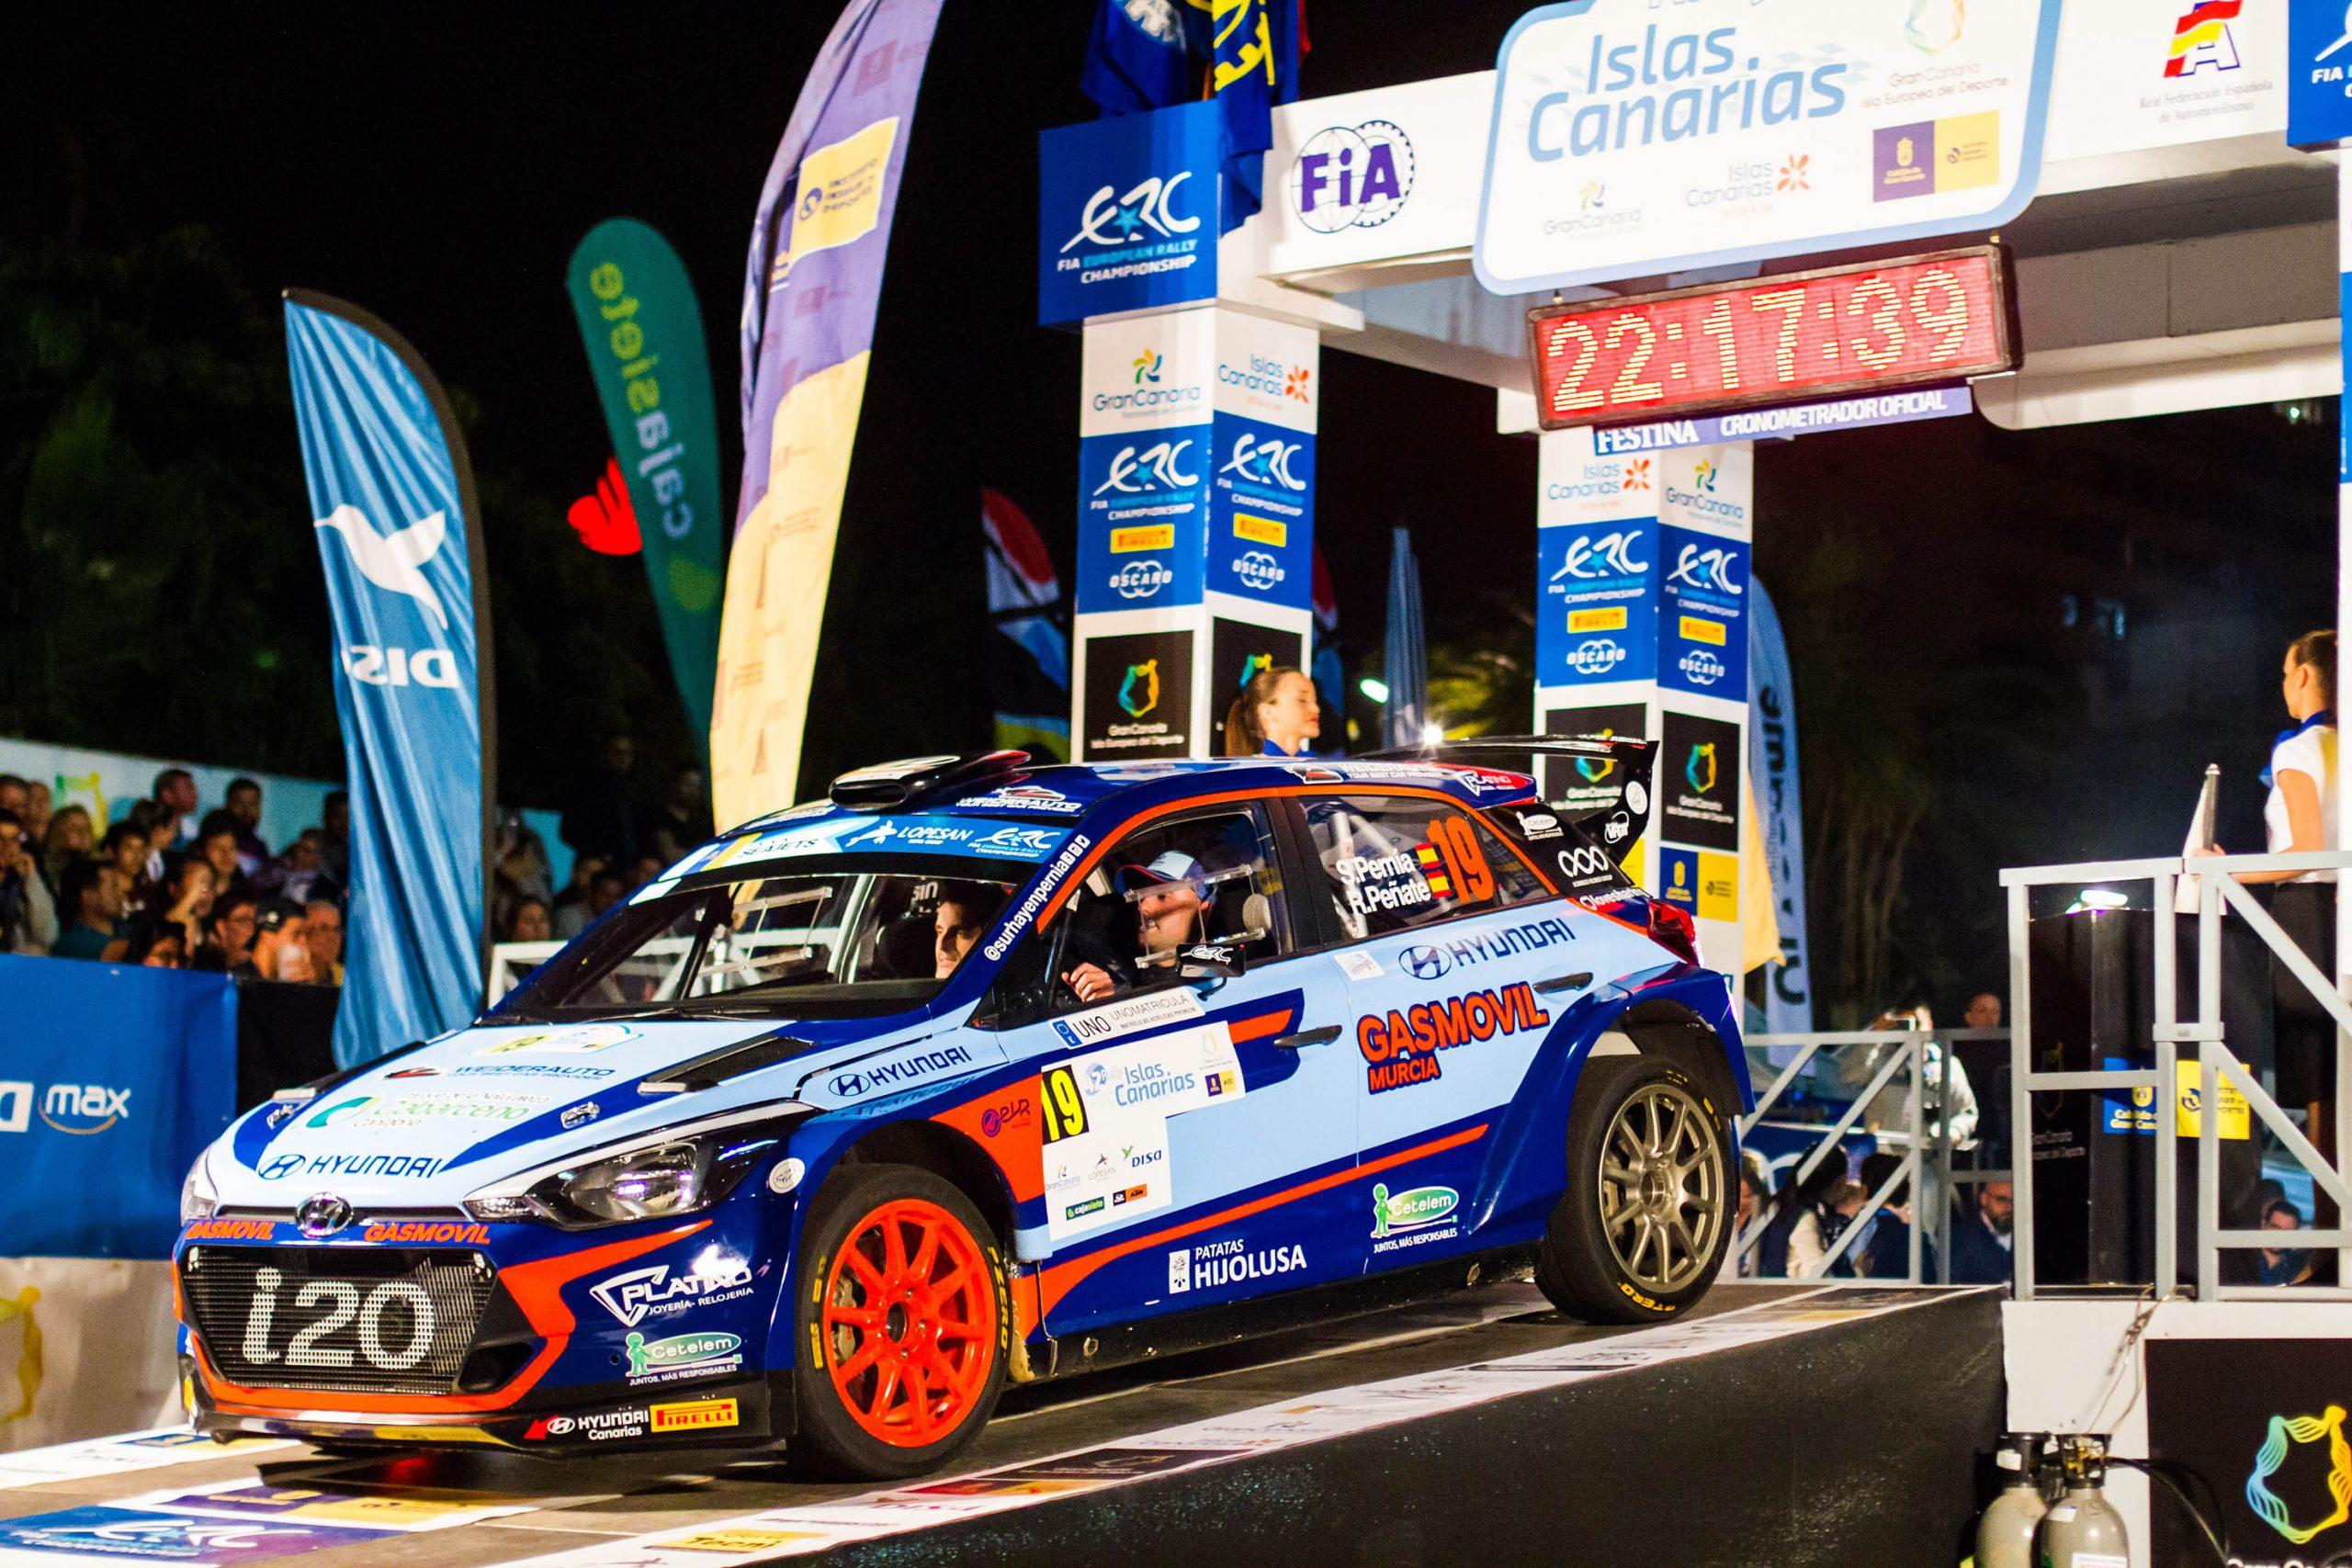 🏁 El Rally Islas Canarias roza los 120 equipos en su edición número 43